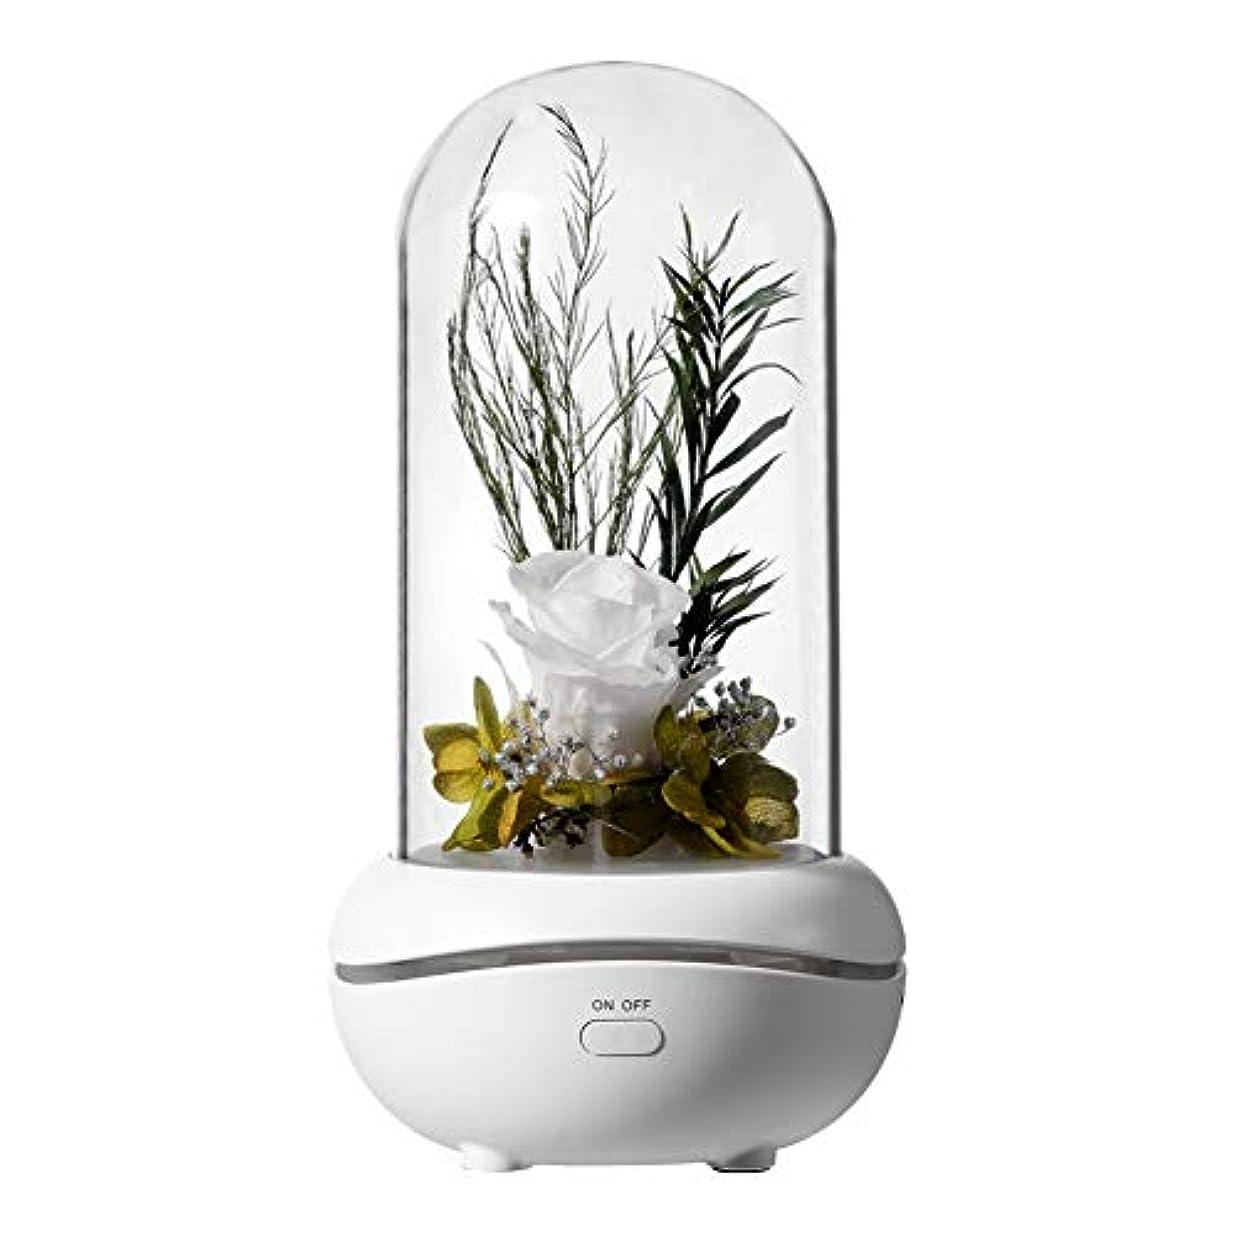 戻す検出可能つま先レモンハウス 7色LEDの夜ライトが付いている精油のための永遠のばらの花の設計香りの拡散器